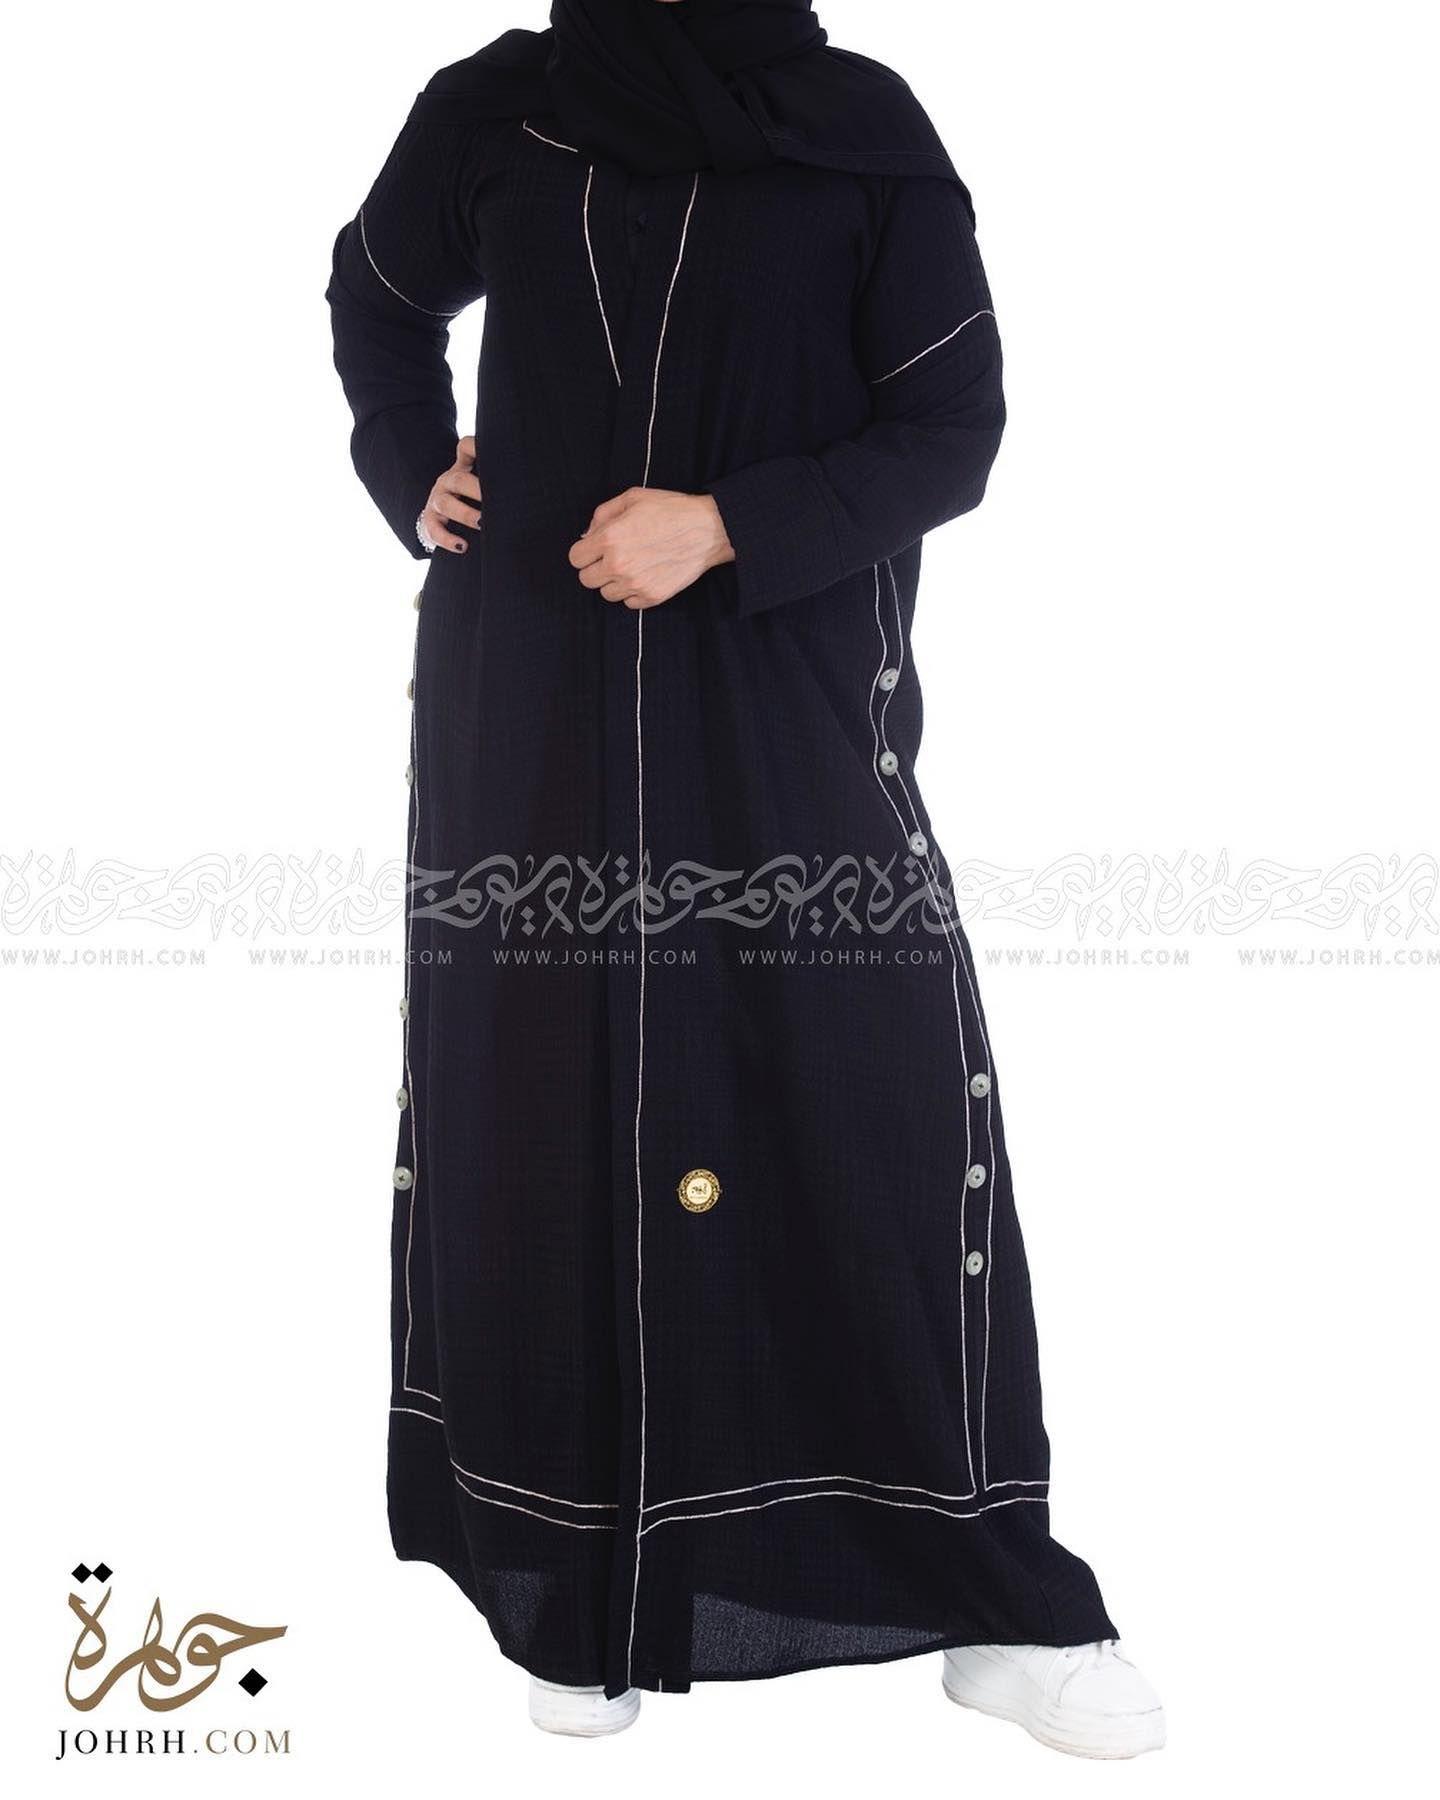 رقم الموديل 1444 السعر بعد الخصم 220 ريال عباءة بقماش شاكيرا بالكامل والمحدد بتطريز بلون بيج مميز وقصة كم Dresses With Sleeves Fashion Long Sleeve Dress